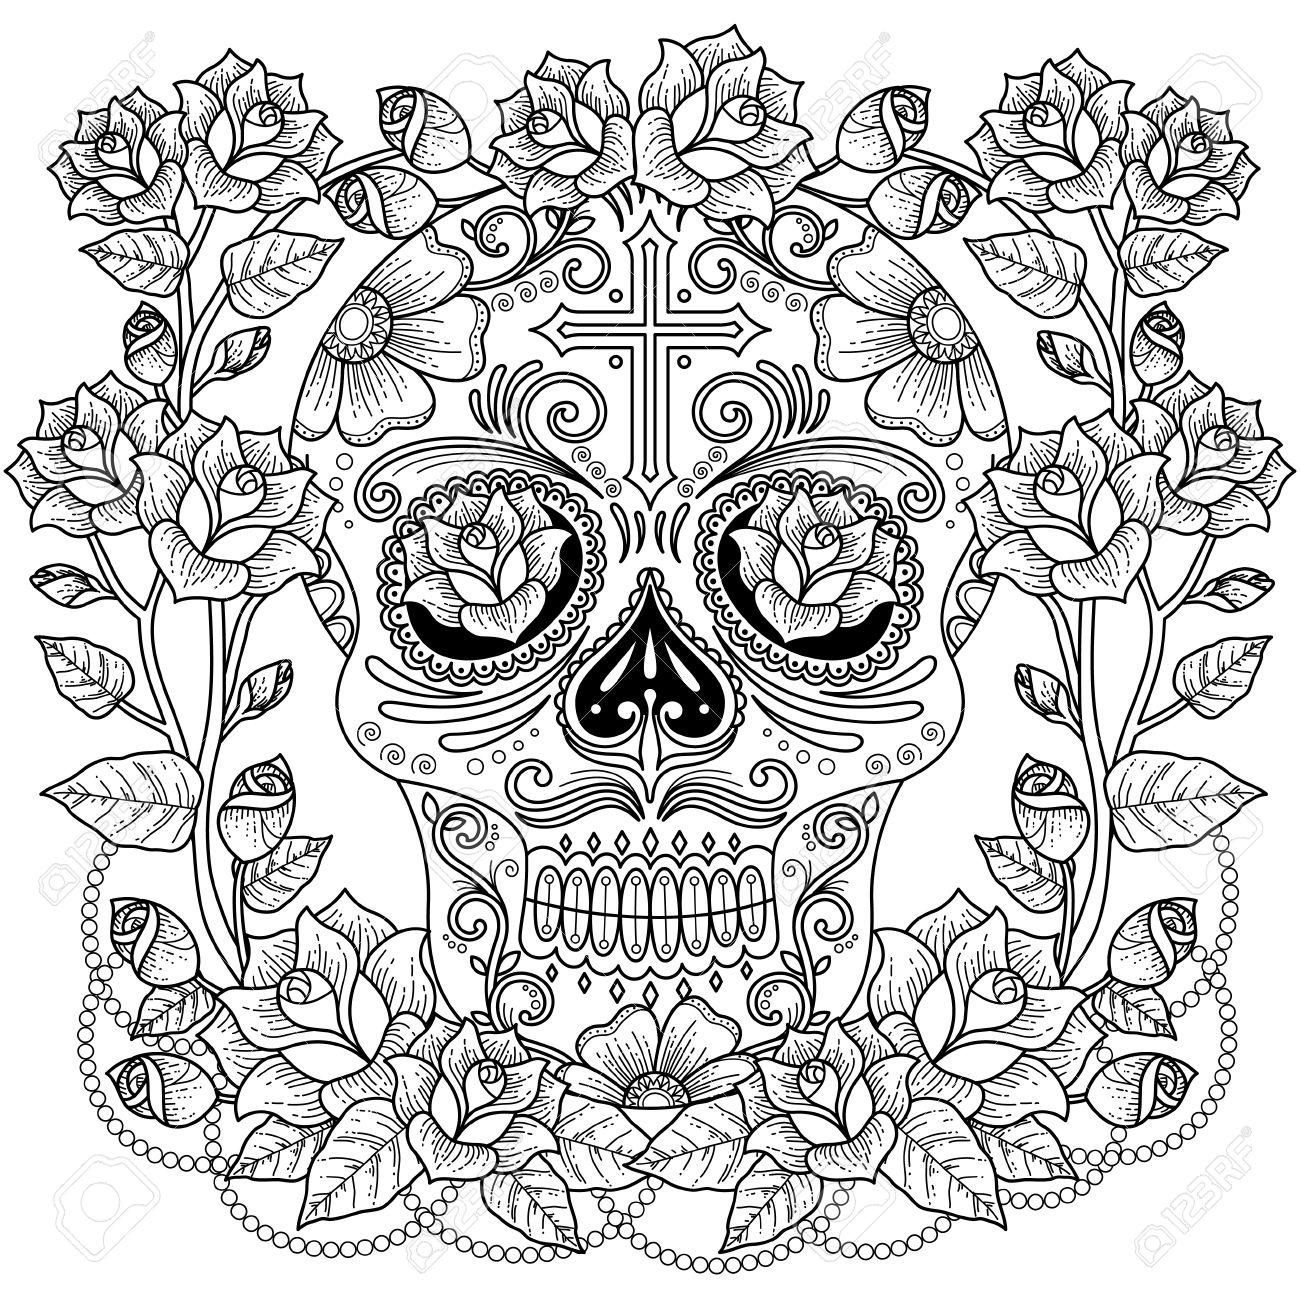 banque dimages fantastique coloriage adulte magnifique crne avec des roses et des croix motif anti stress pour la coloration